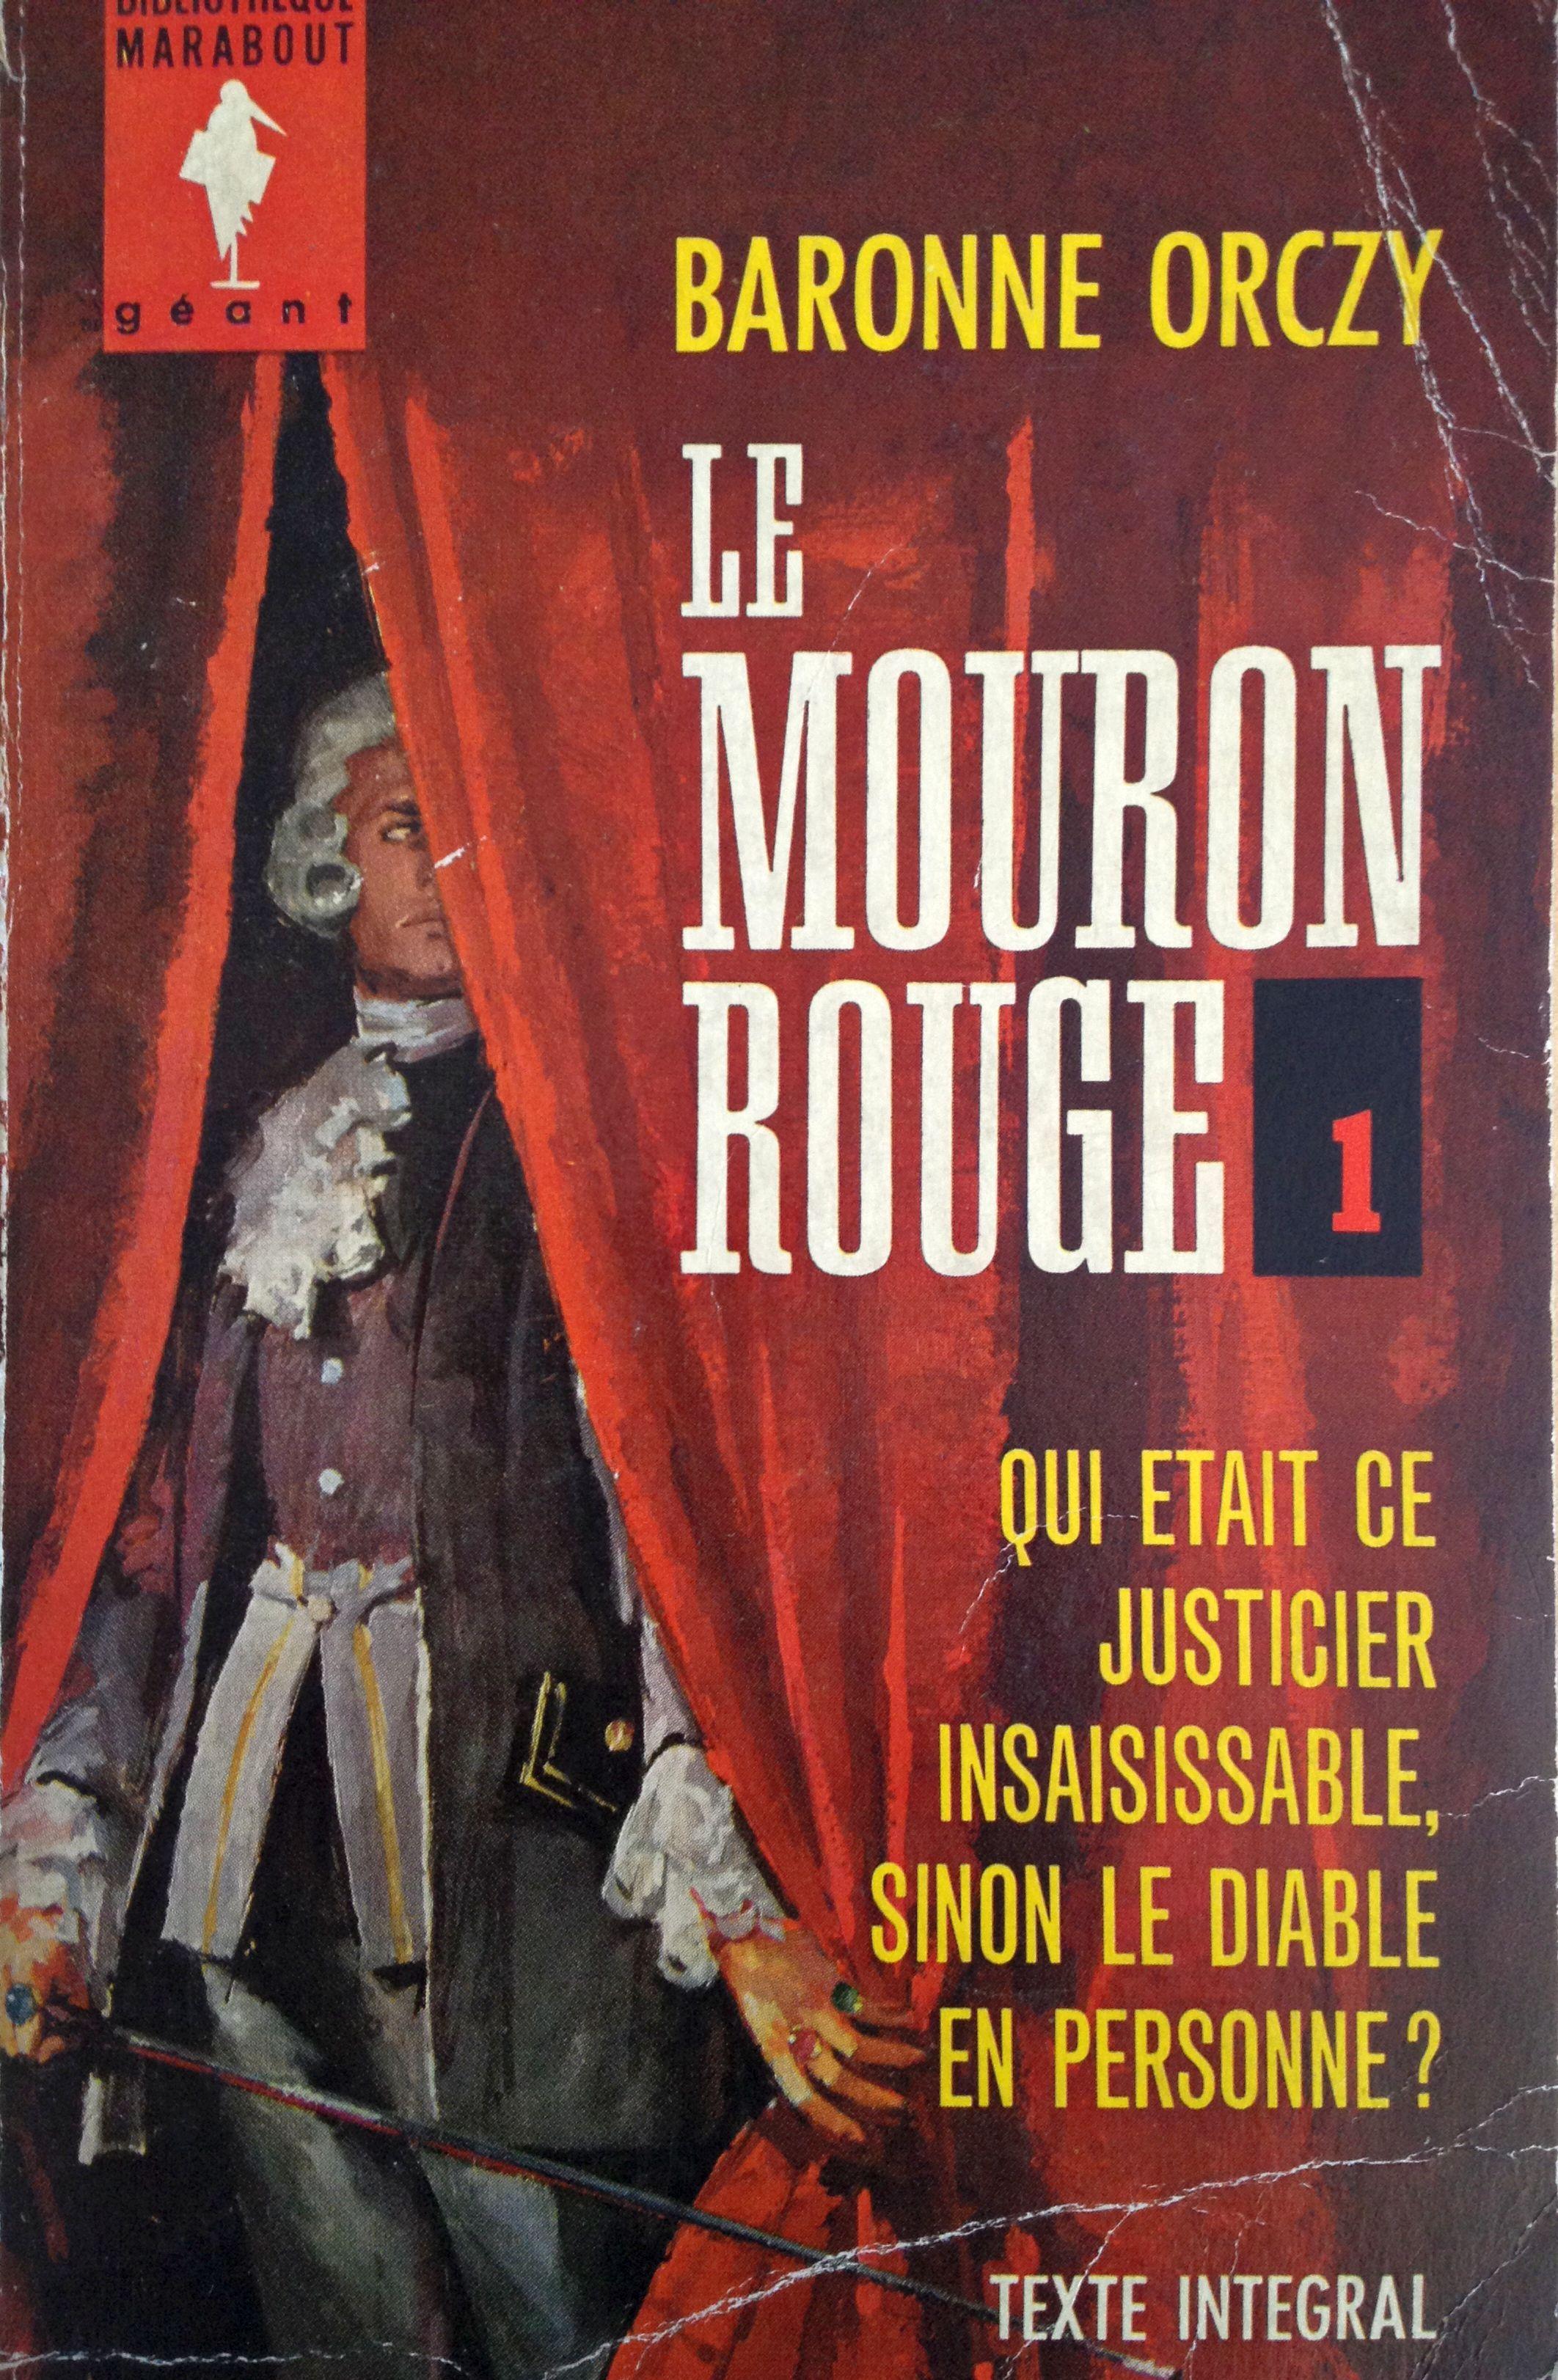 Le Mouron Rouge 1 Baronne Orczy